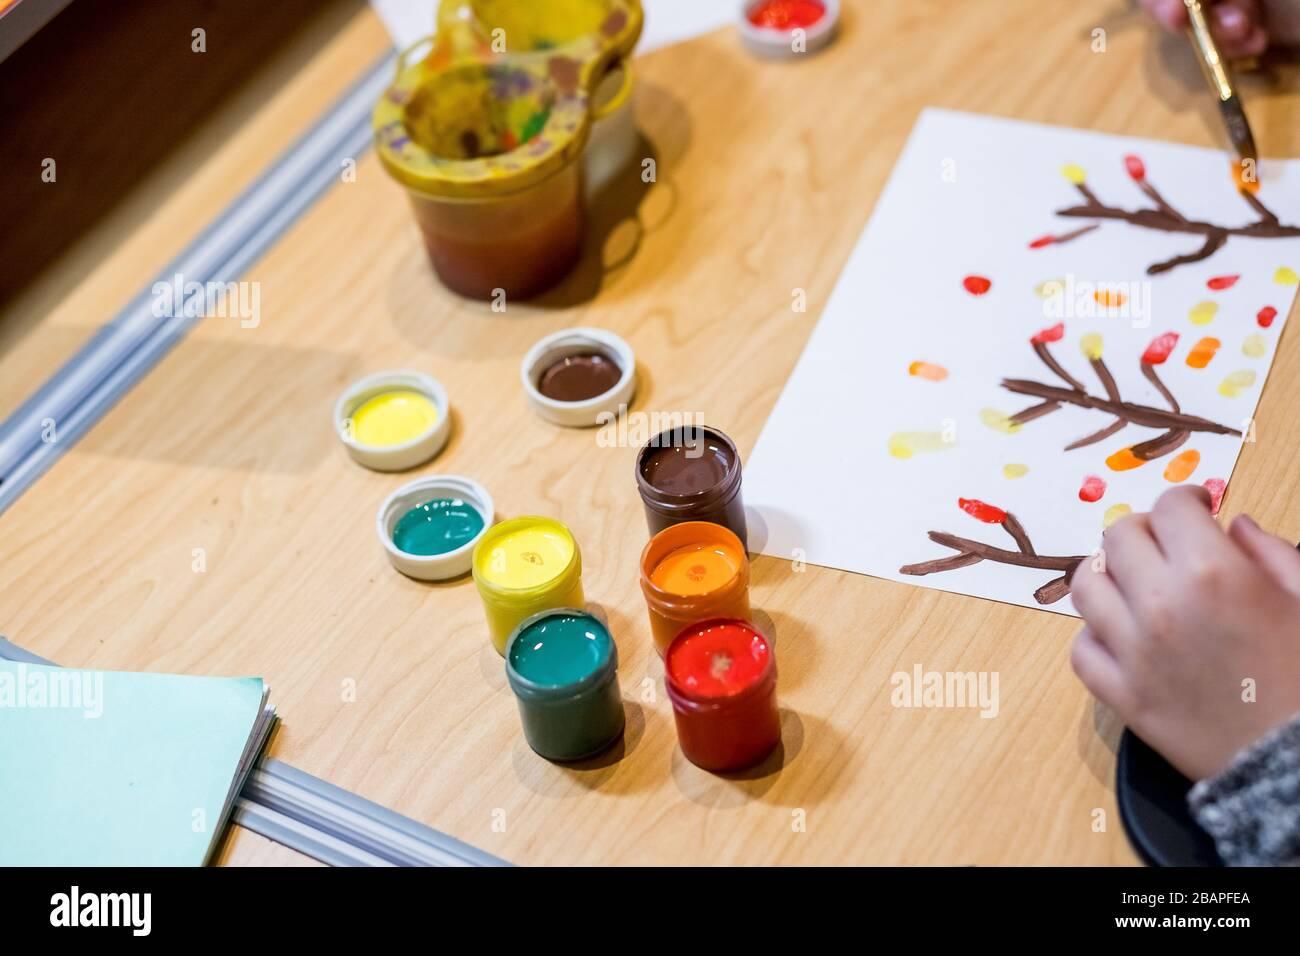 Les Mains De La Peinture Petite Fille Et La Table Pour La Creativite Peinture D Enfant Avec Gouache Rester A La Maison Rester Sur Coronavirus Et Concept De Quarantaine En Ligne Photo Stock Alamy